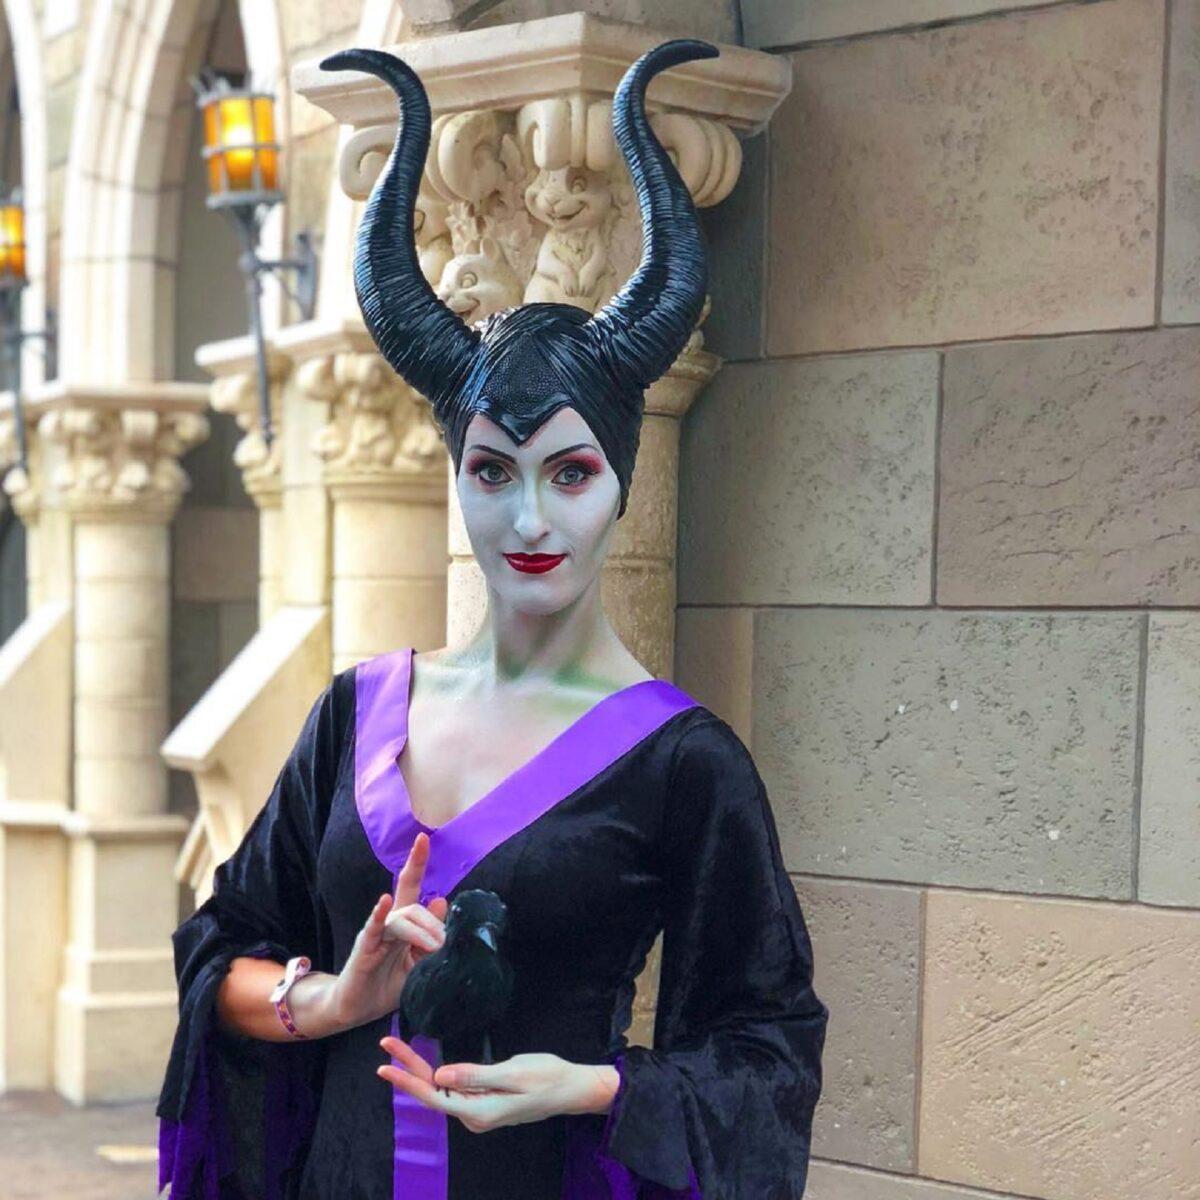 Fantasias de Halloween confira algumas opcoes para se inspirar 54